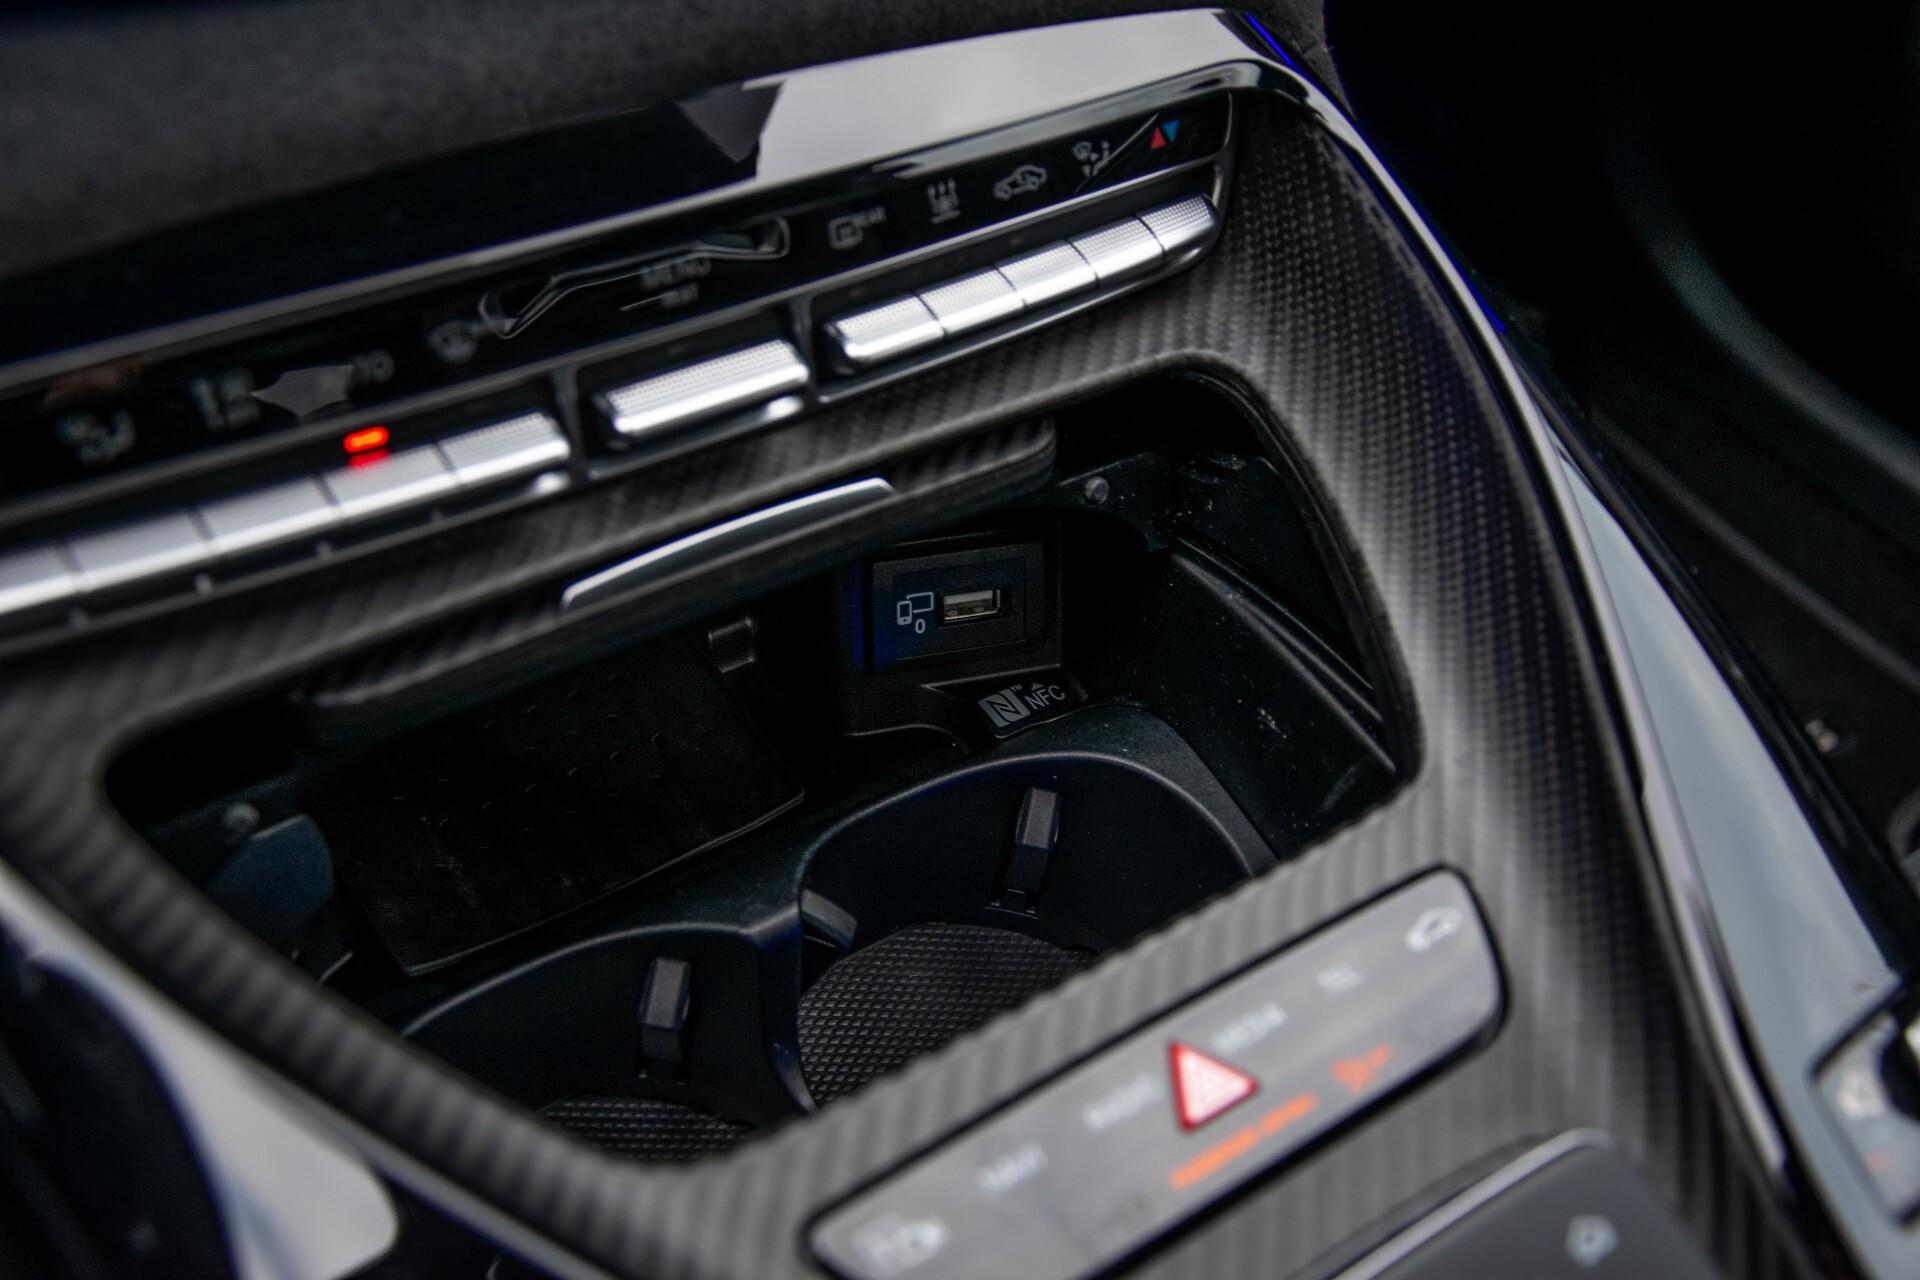 Mercedes-Benz AMG GT 4-Door Coupe 63 S 4M+ Keramisch/Full Carbon/Aerodynamica/Burmester 3D/TV/Performance stoelen/Standkachel Aut9 Foto 51